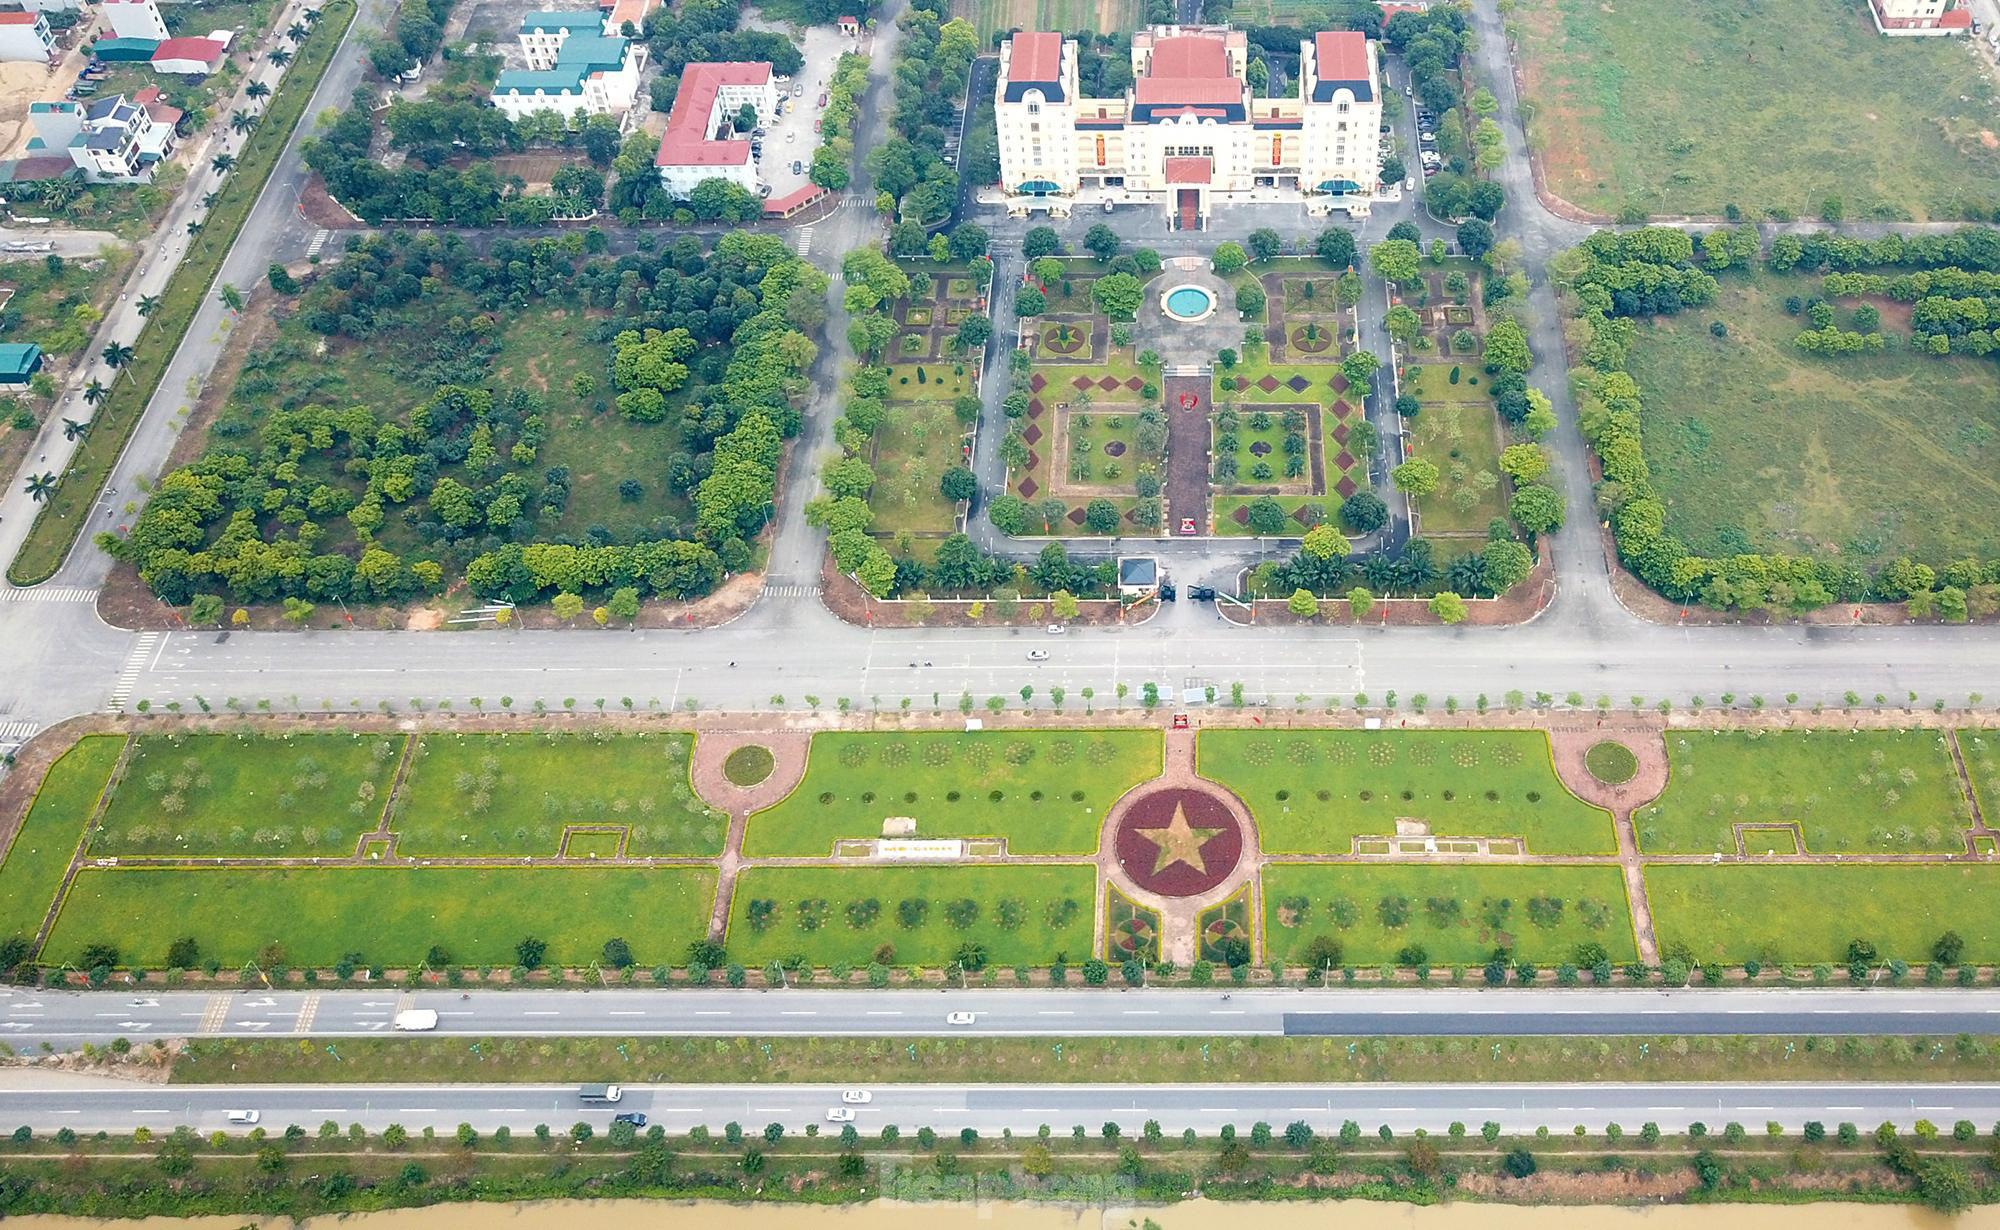 Tuyến đường 2.300 tỷ dài 15 km nối Hà Nội với Vĩnh Phúc hoạt động ra sao? - Ảnh 7.